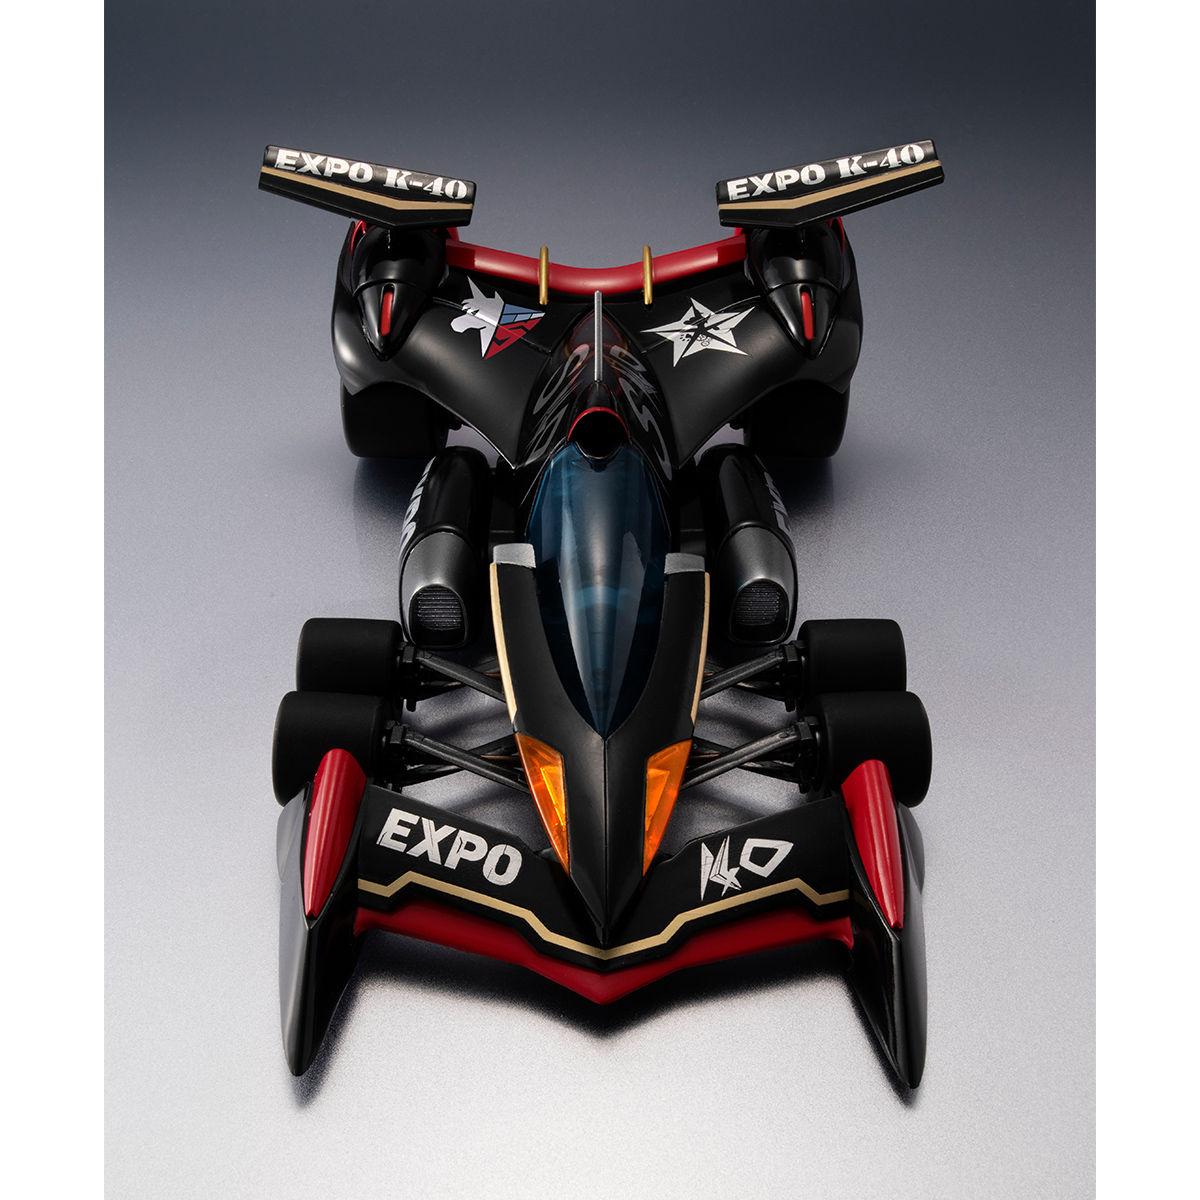 ヴァリアブルアクション『スーパーアスラーダ AKF-11/K-40 limited ver.』新世紀GPXサイバーフォーミュラ 可動モデル-003